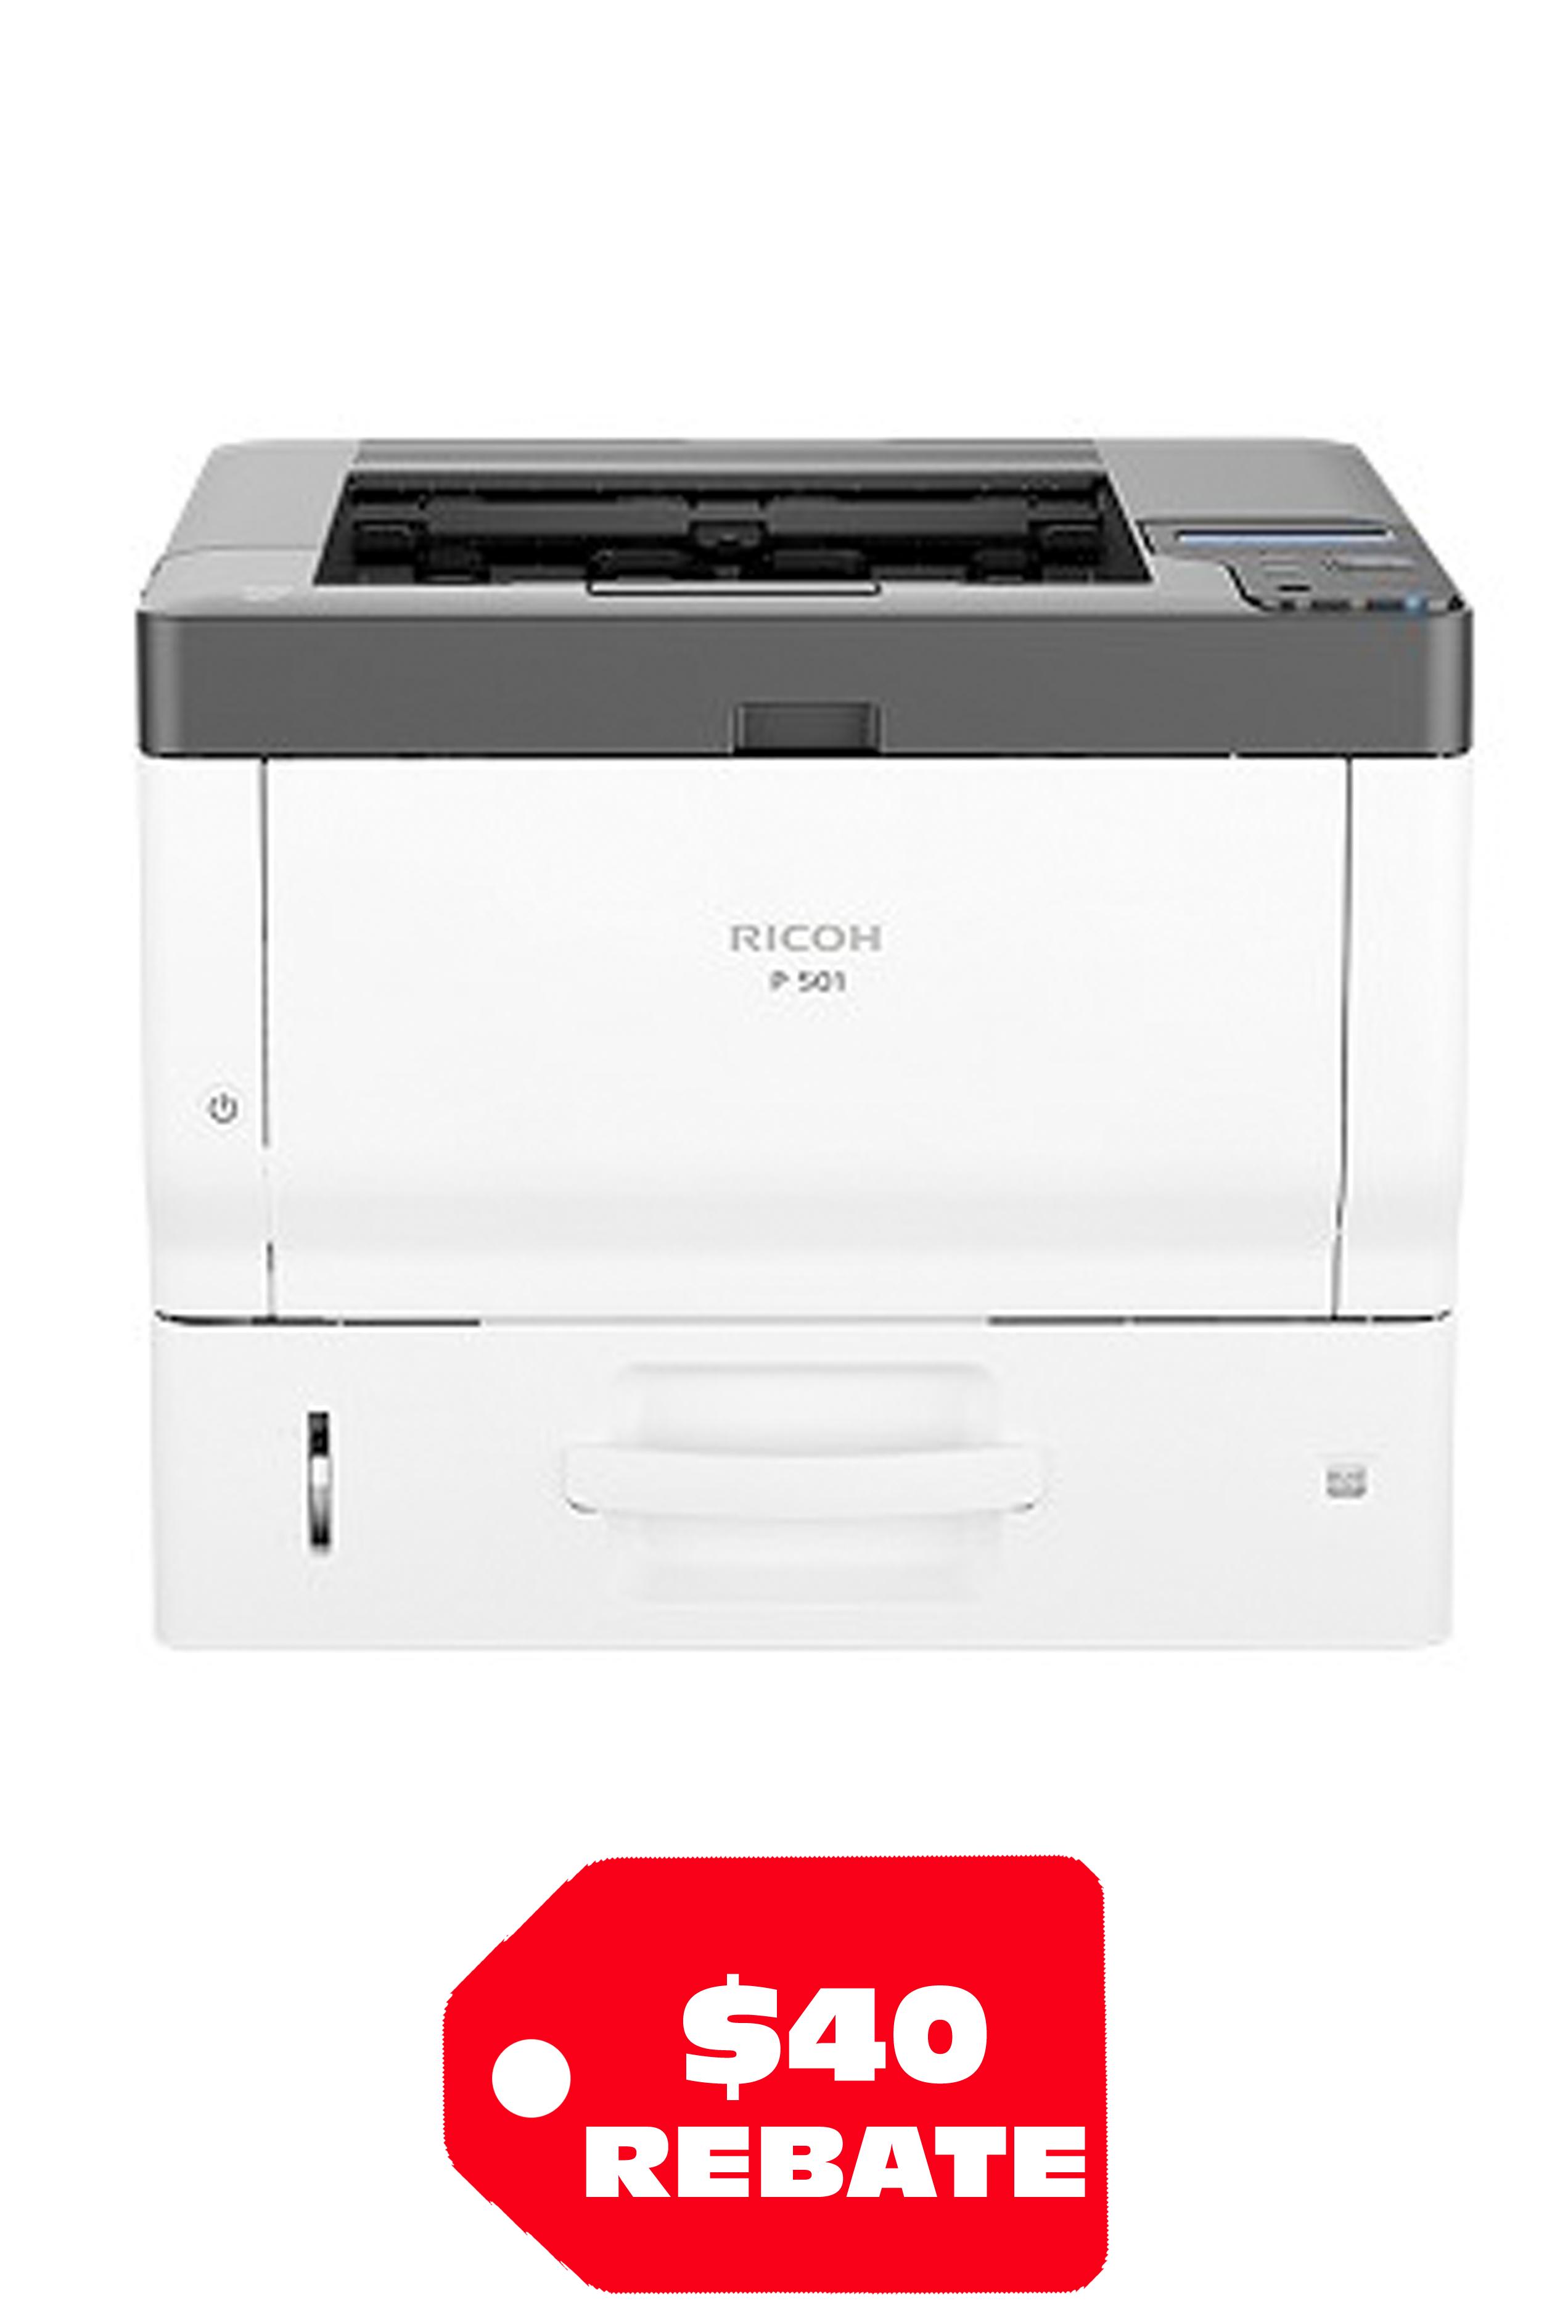 Ricoh RICOH P501 A4 B&W LASER PRINTER (45PPM)